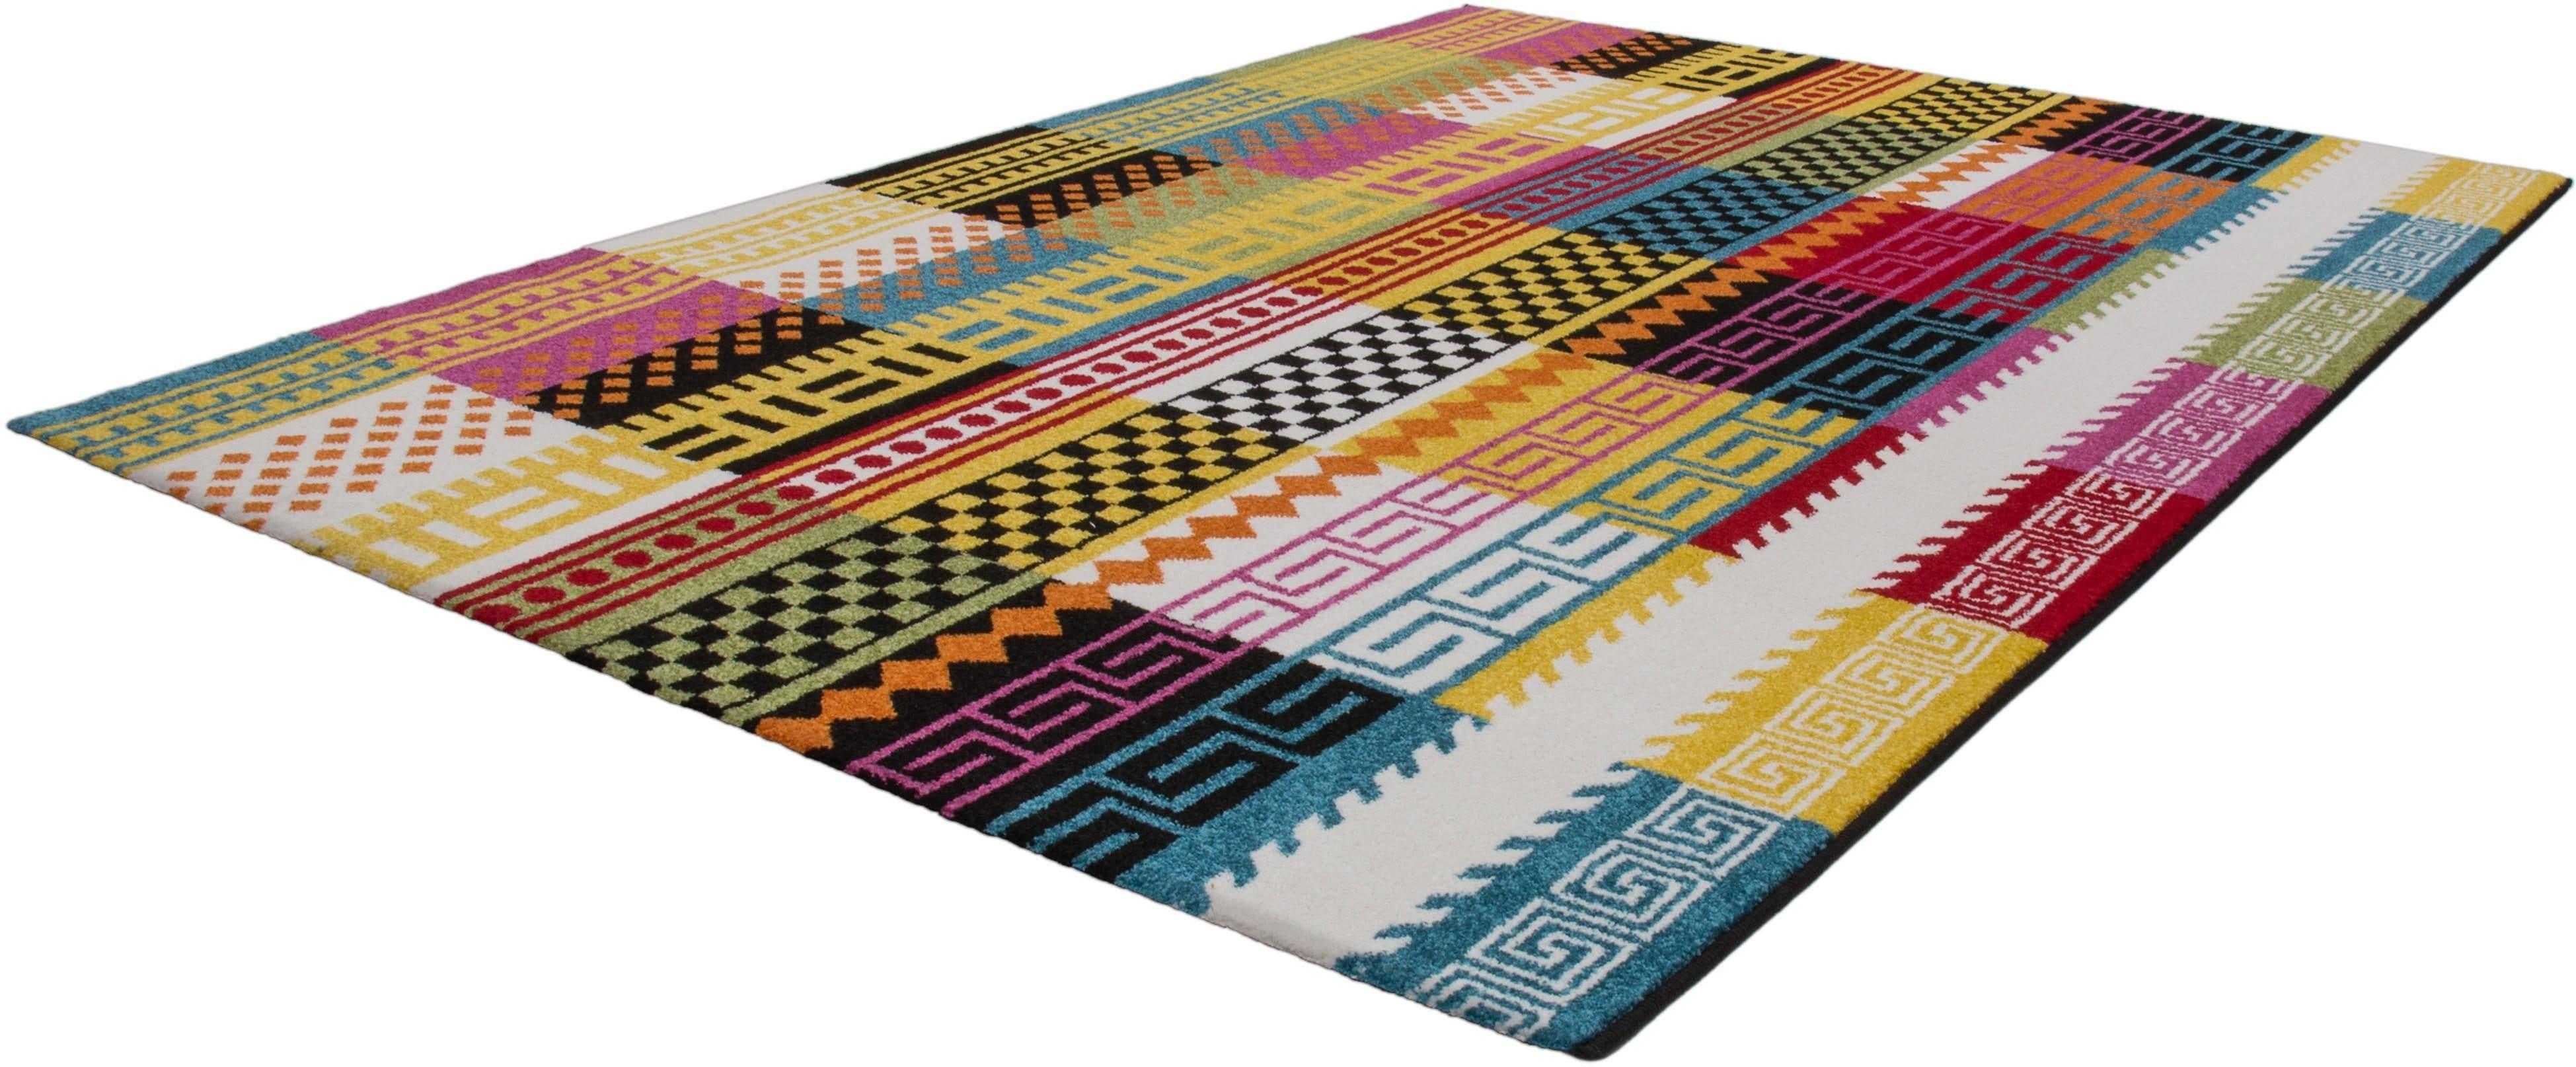 Teppich Guayama 285 Kayoom rechteckig Höhe 17 mm